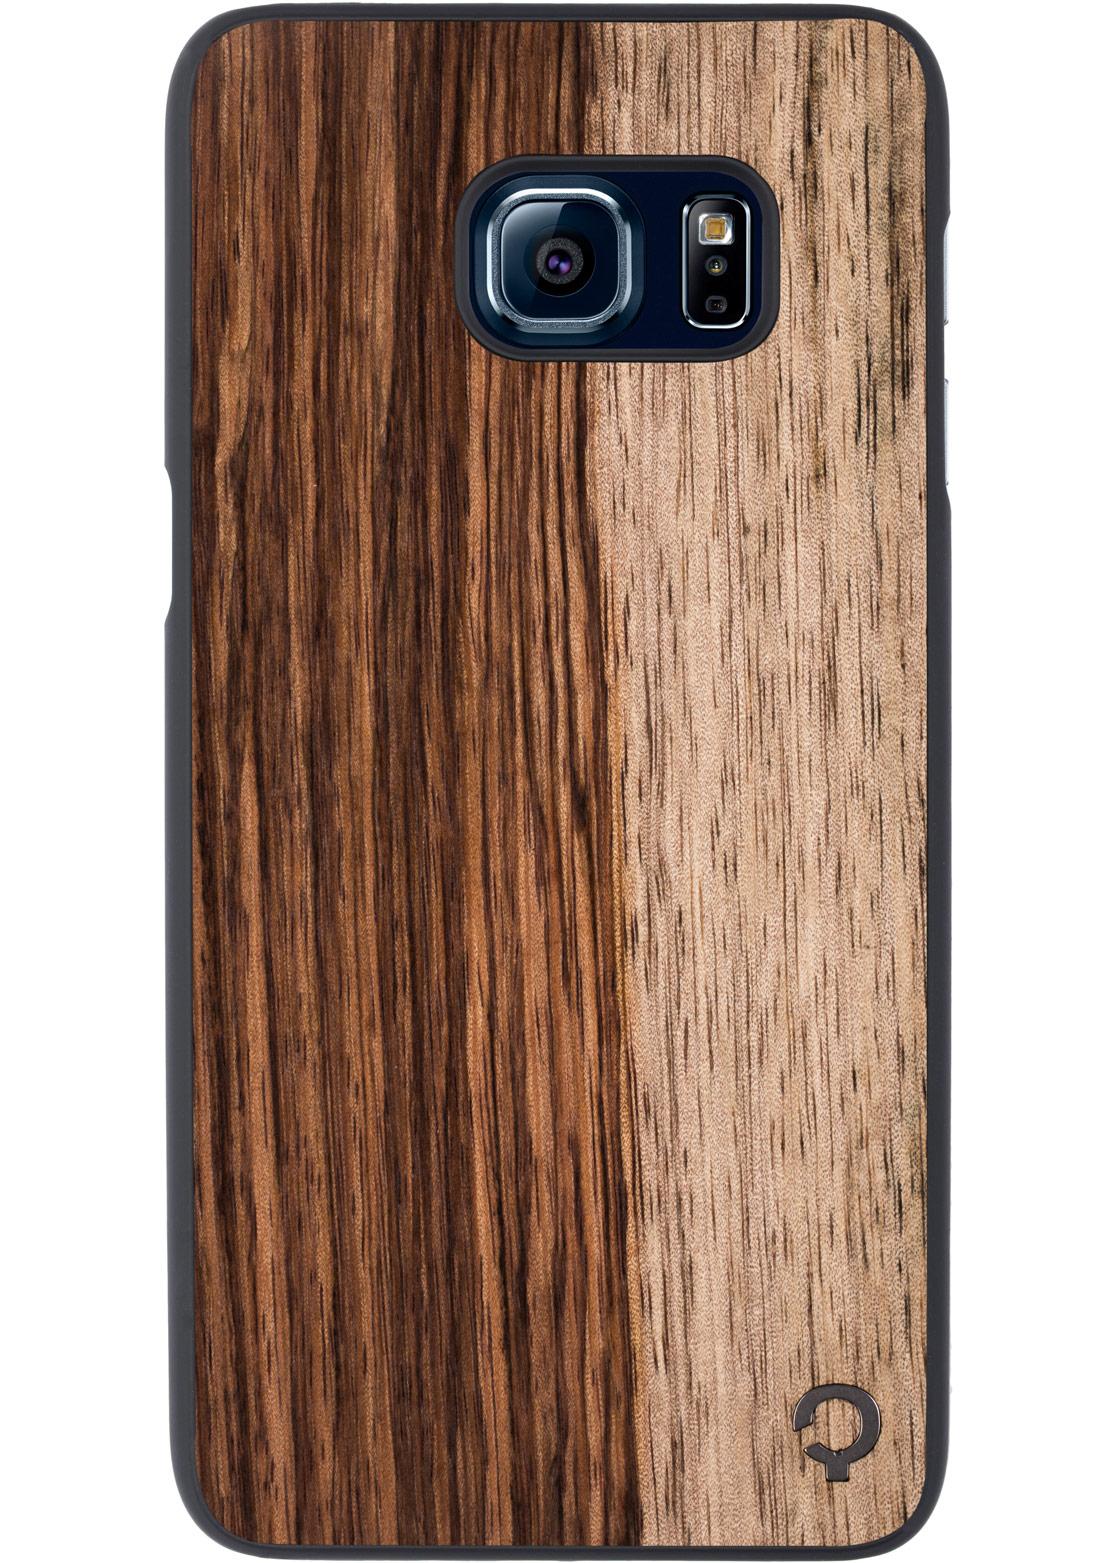 reputable site 06b47 11d4c Wooden Case - Samsung Galaxy S6 EDGE Plus - Premium - Mango